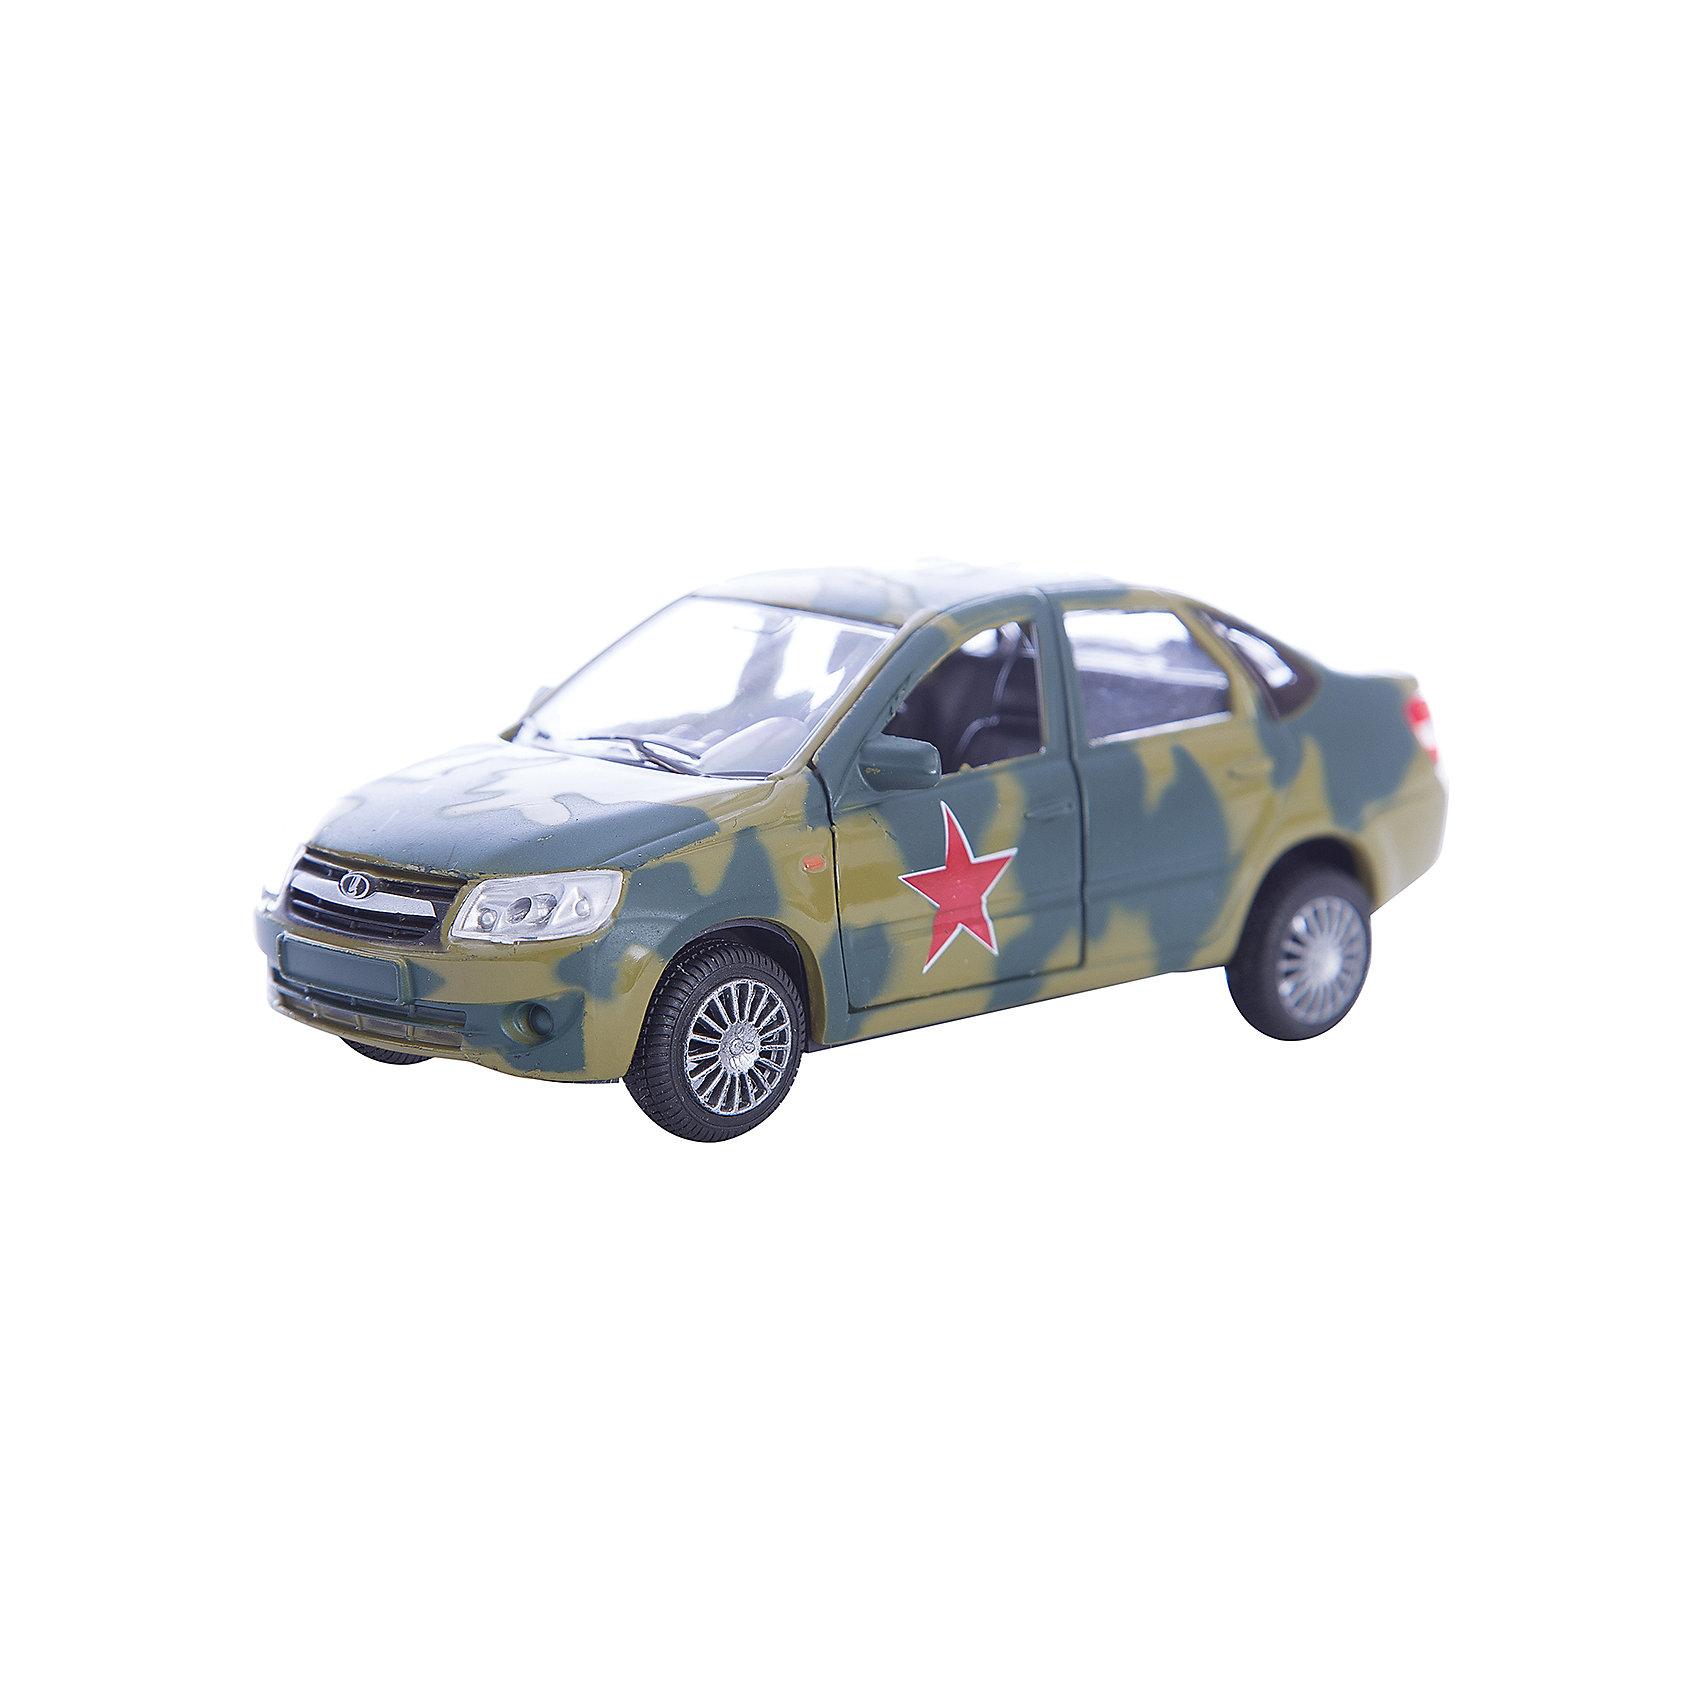 Машинка Lada Granta армейская 1:36, AutotimeМашинки<br>Характеристики товара:<br><br>• цвет: зеленый<br>• возраст: от 3 лет<br>• материал: металл, пластик<br>• размер: 16,5х7,х5,7 см<br>• вес: 100 г<br>• масштаб: 1:36<br>• колеса вращаются<br>• хорошая детализация<br>• открываются двери<br>• страна бренда: Россия<br>• страна производства: Китай<br><br>Коллекционная машинка LADA GRANTA армейская от бренда AUTOTIME станет отличным подарком для мальчика. Подробная детализация машинки порадует увлеченного коллекционера, а открывающиеся двери и свободно вращающиеся колеса придутся по душе юному владельцу игрушечного гаража. Эта игрушка подарит восторг и радость вашему ребенку. <br><br>Игрушка также воздействует на наглядно-образное мышление, логическое мышление, развивает мелкую моторику. Изделие выполнено из сертифицированных материалов, безопасных для детей.<br><br>Машинку «Lada Granta» армейская от бренда AUTOTIME можно купить в нашем интернет-магазине.<br><br>Ширина мм: 165<br>Глубина мм: 57<br>Высота мм: 75<br>Вес г: 13<br>Возраст от месяцев: 36<br>Возраст до месяцев: 2147483647<br>Пол: Мужской<br>Возраст: Детский<br>SKU: 5583891